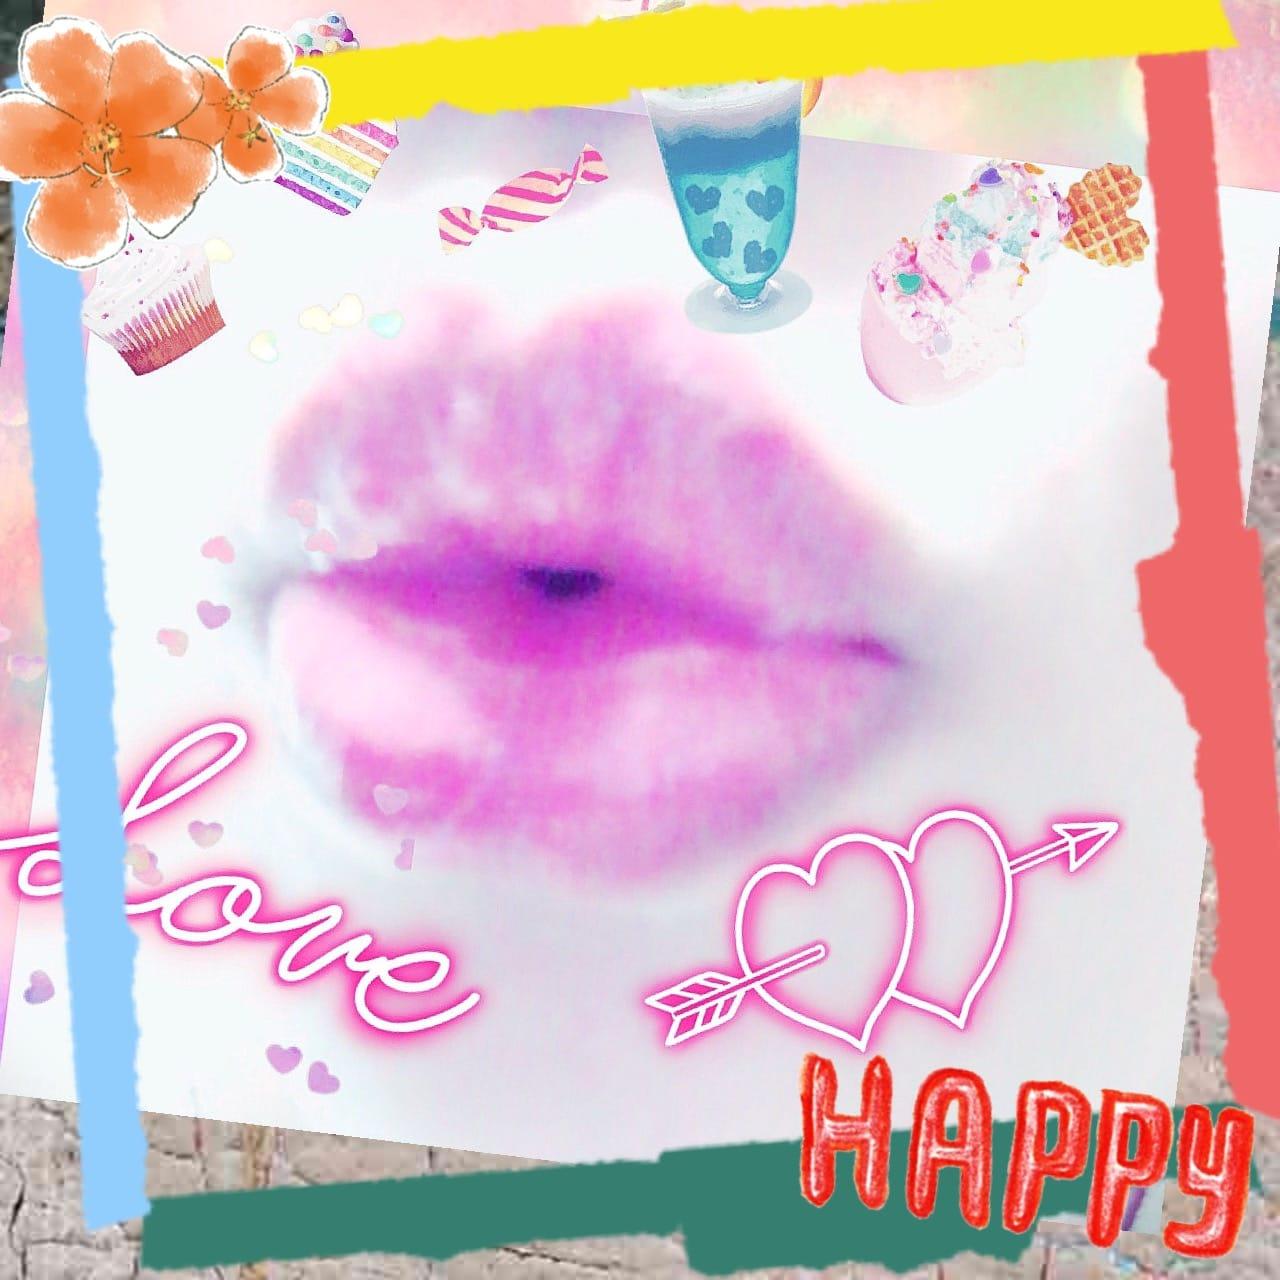 「アロマ123のお客さまへ」05/24(05/24) 02:10 | めい☆S級アロマ嬢☆の写メ・風俗動画